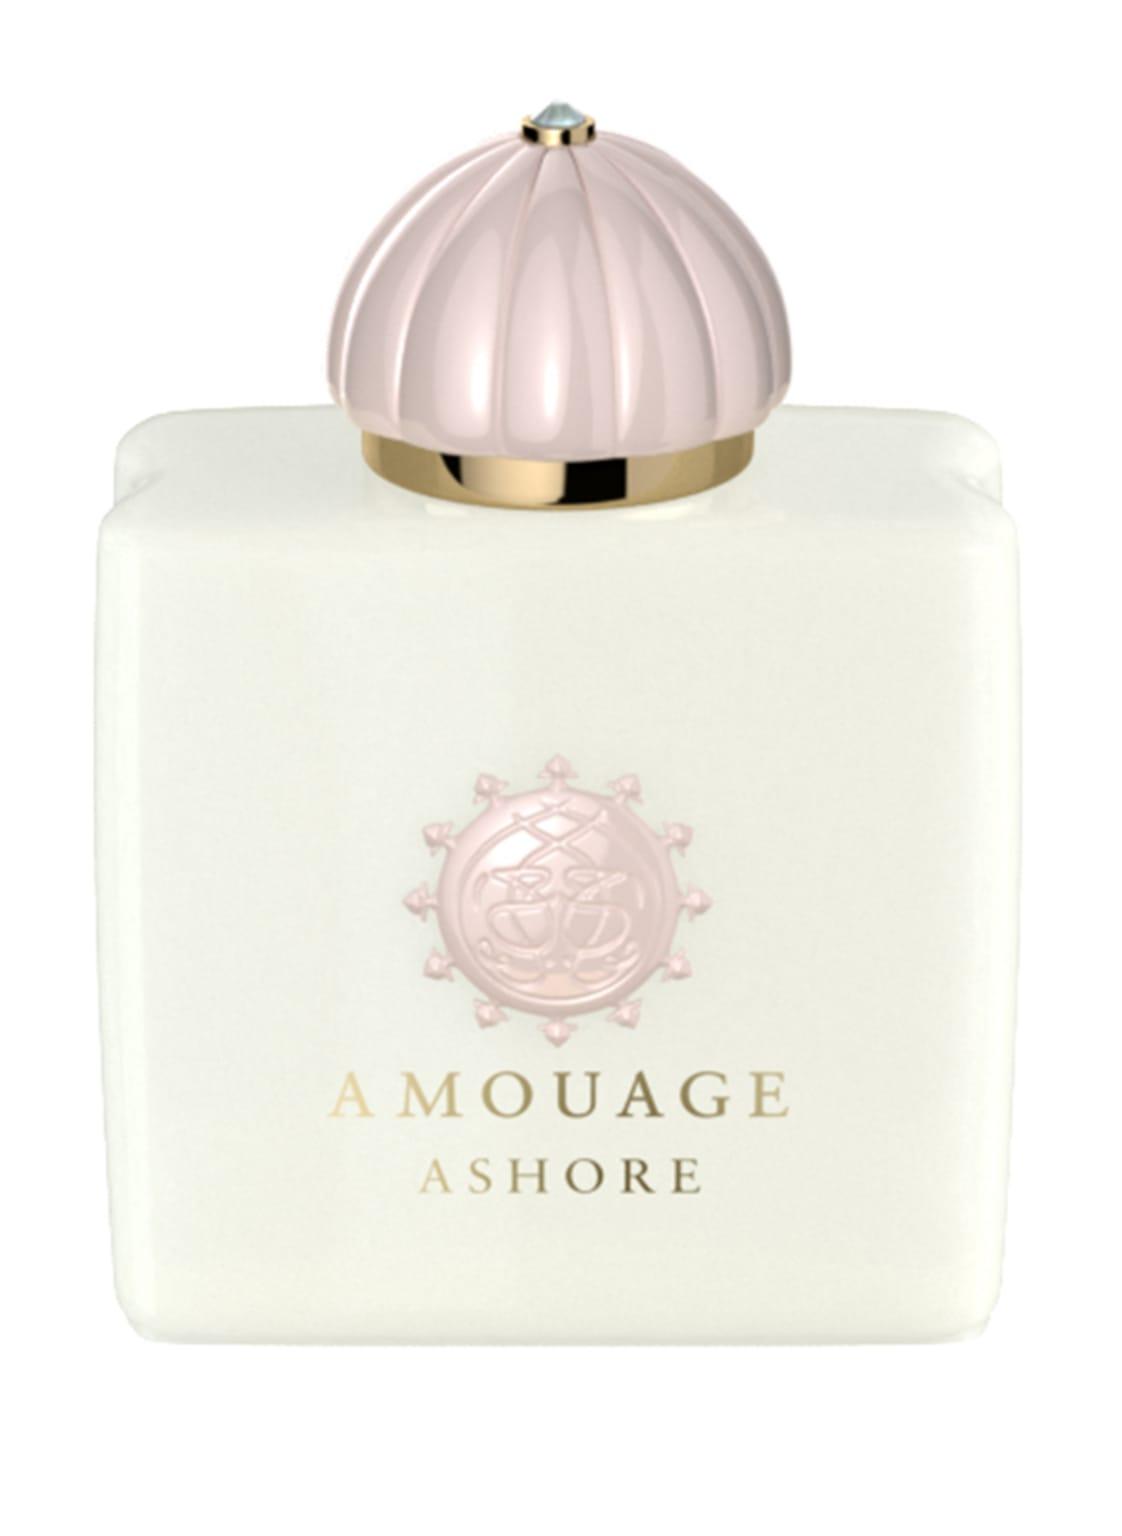 Image of Amouage Ashore Eau de Parfum 100 ml